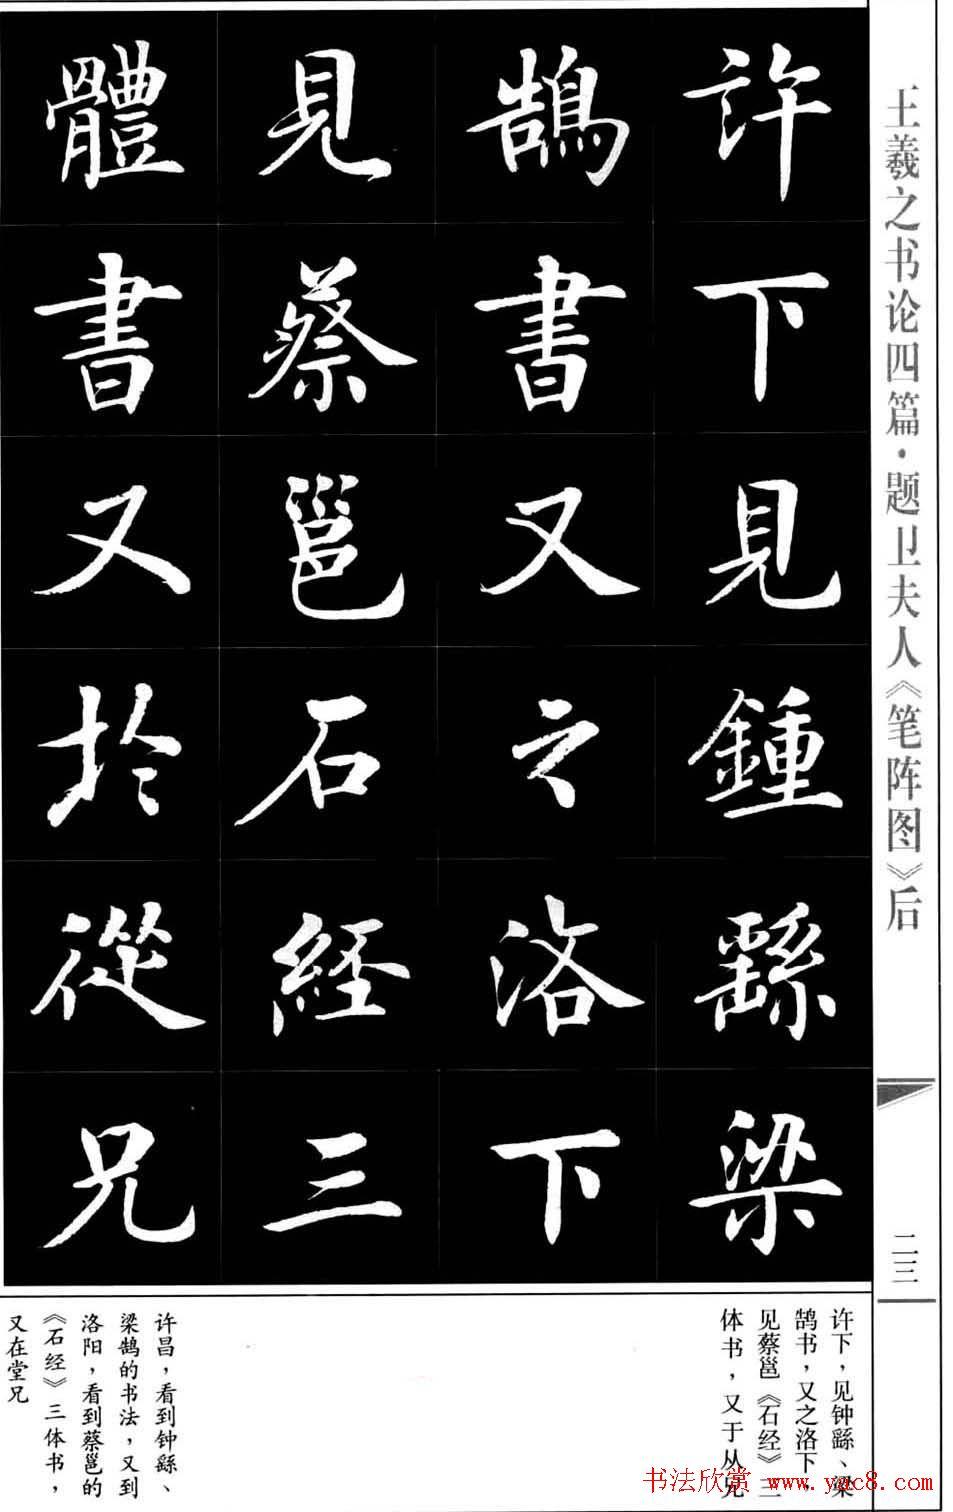 房弘毅书法字帖 王羲之书论四篇 第22页 楷书字帖 书法欣赏图片